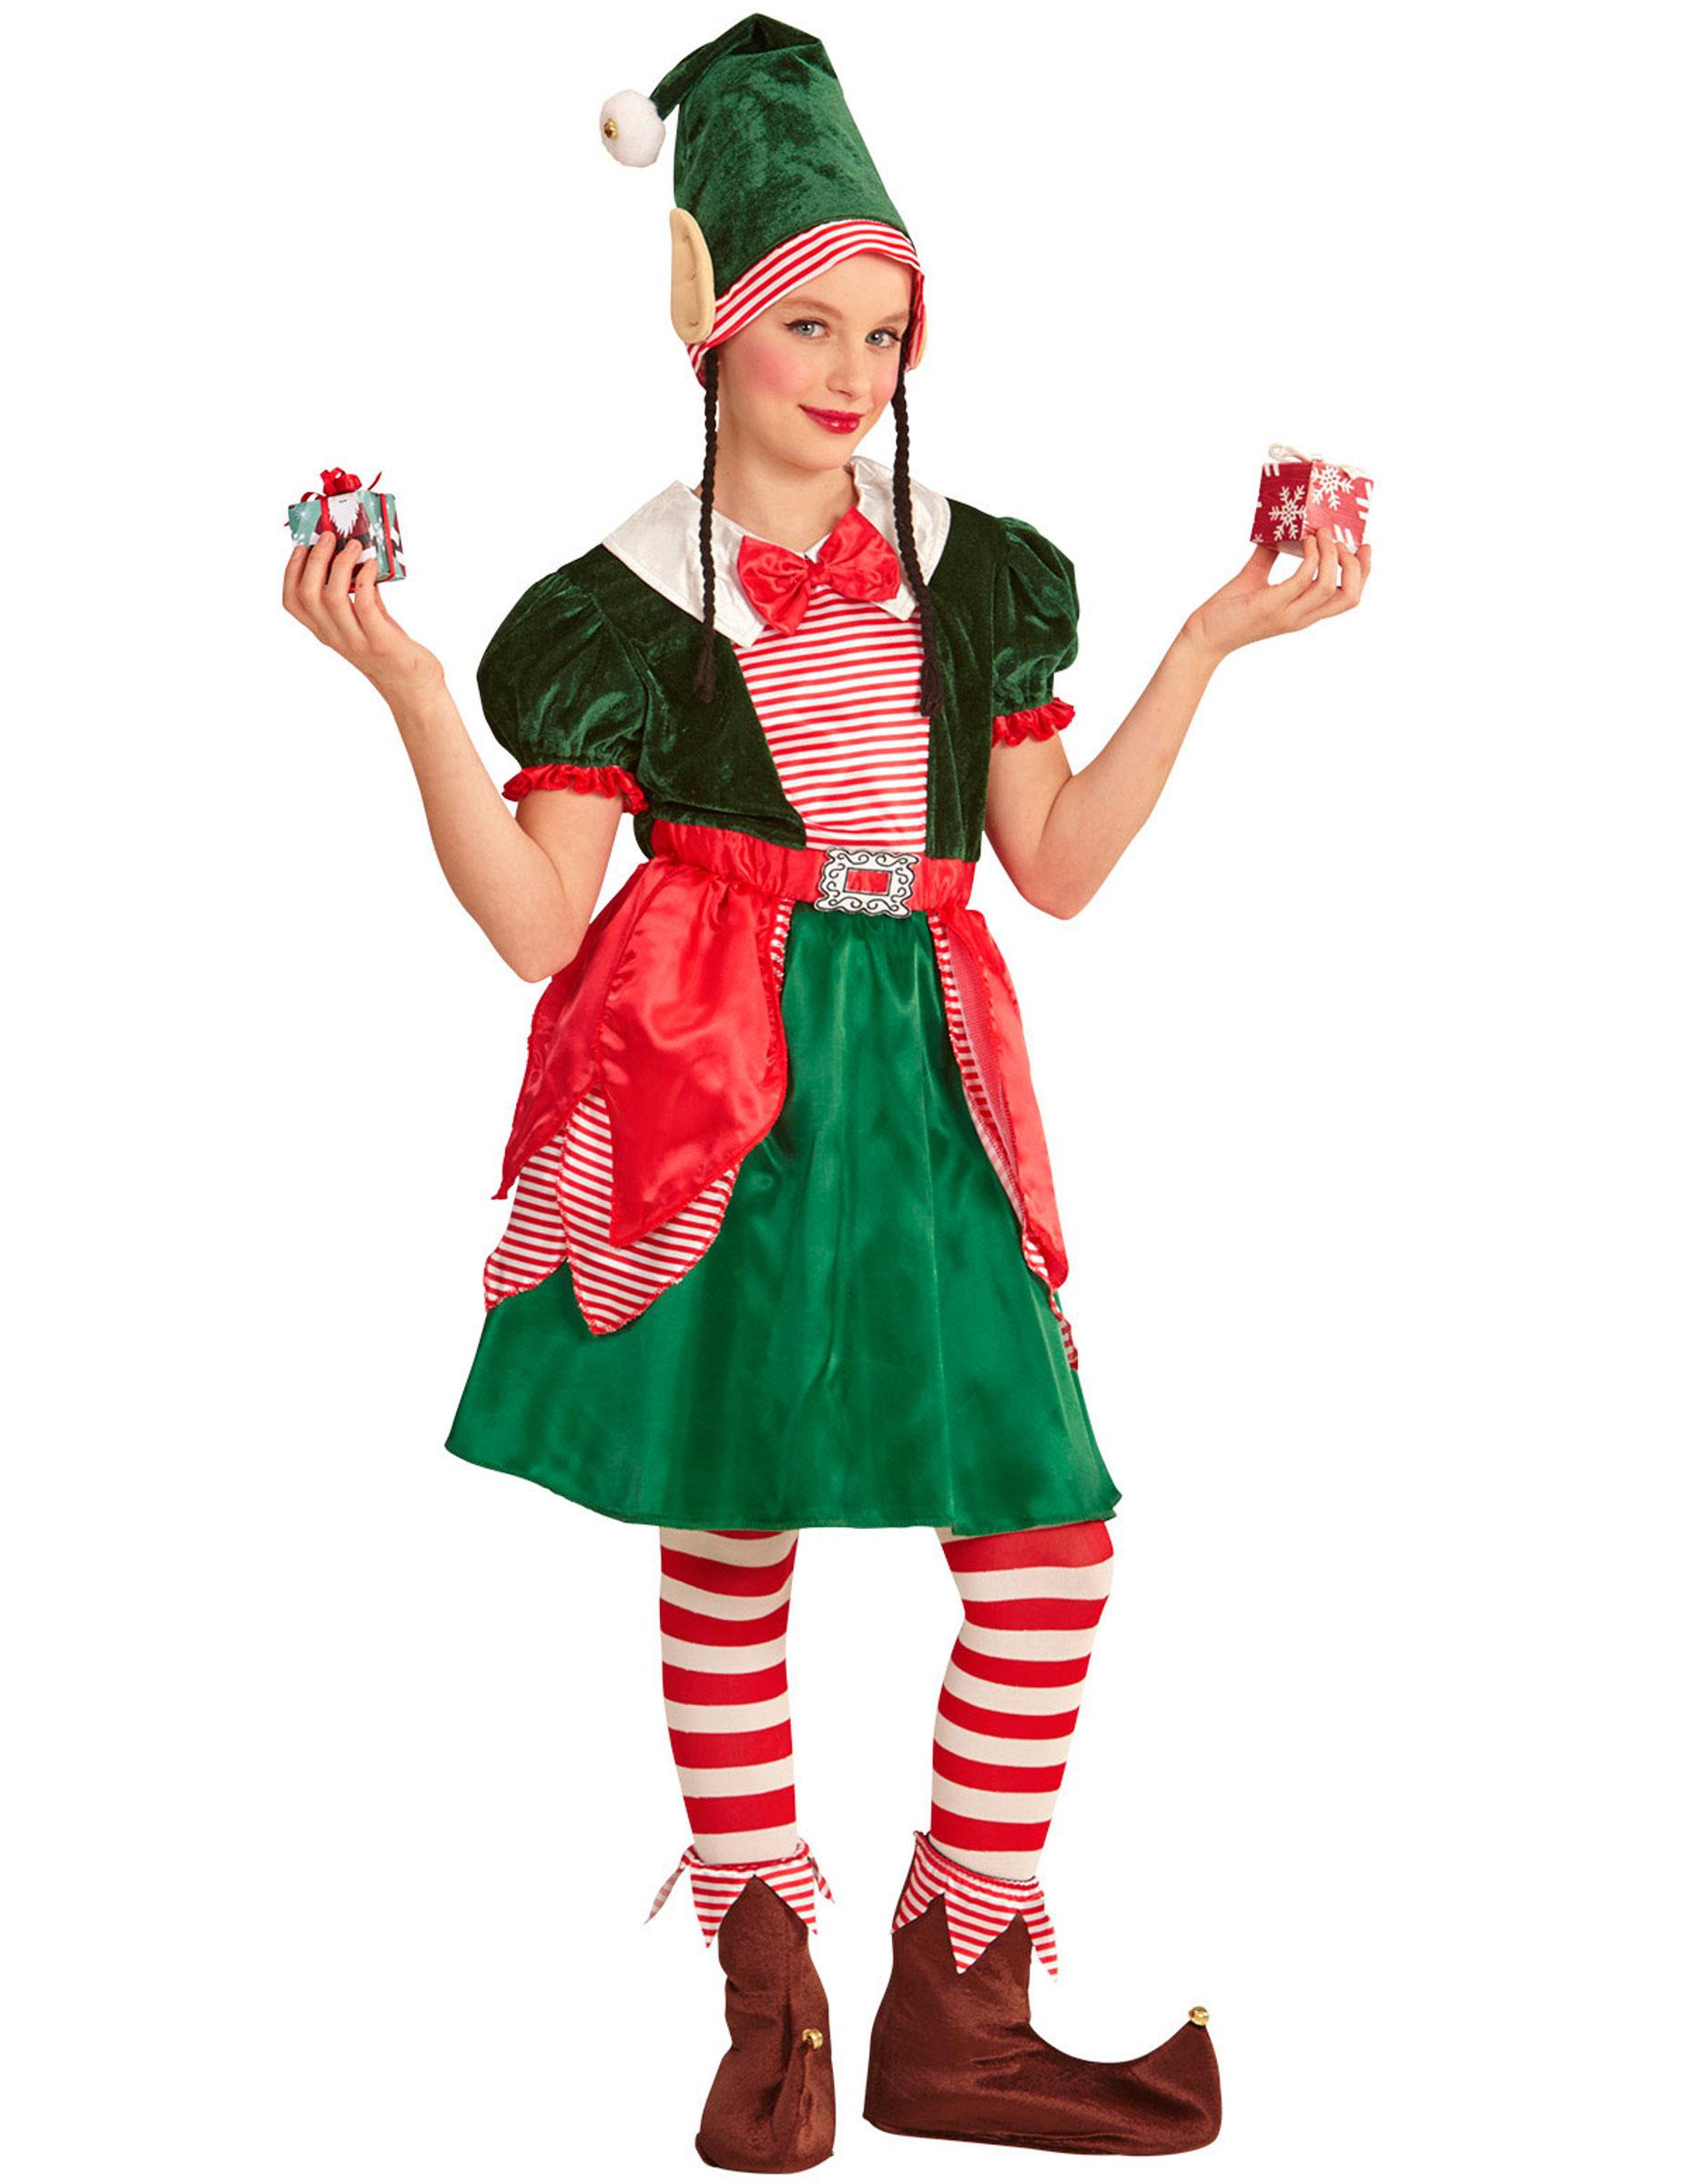 Costume assistente folletto di Natale per bambina  Costumi bambini 09a5b69376db